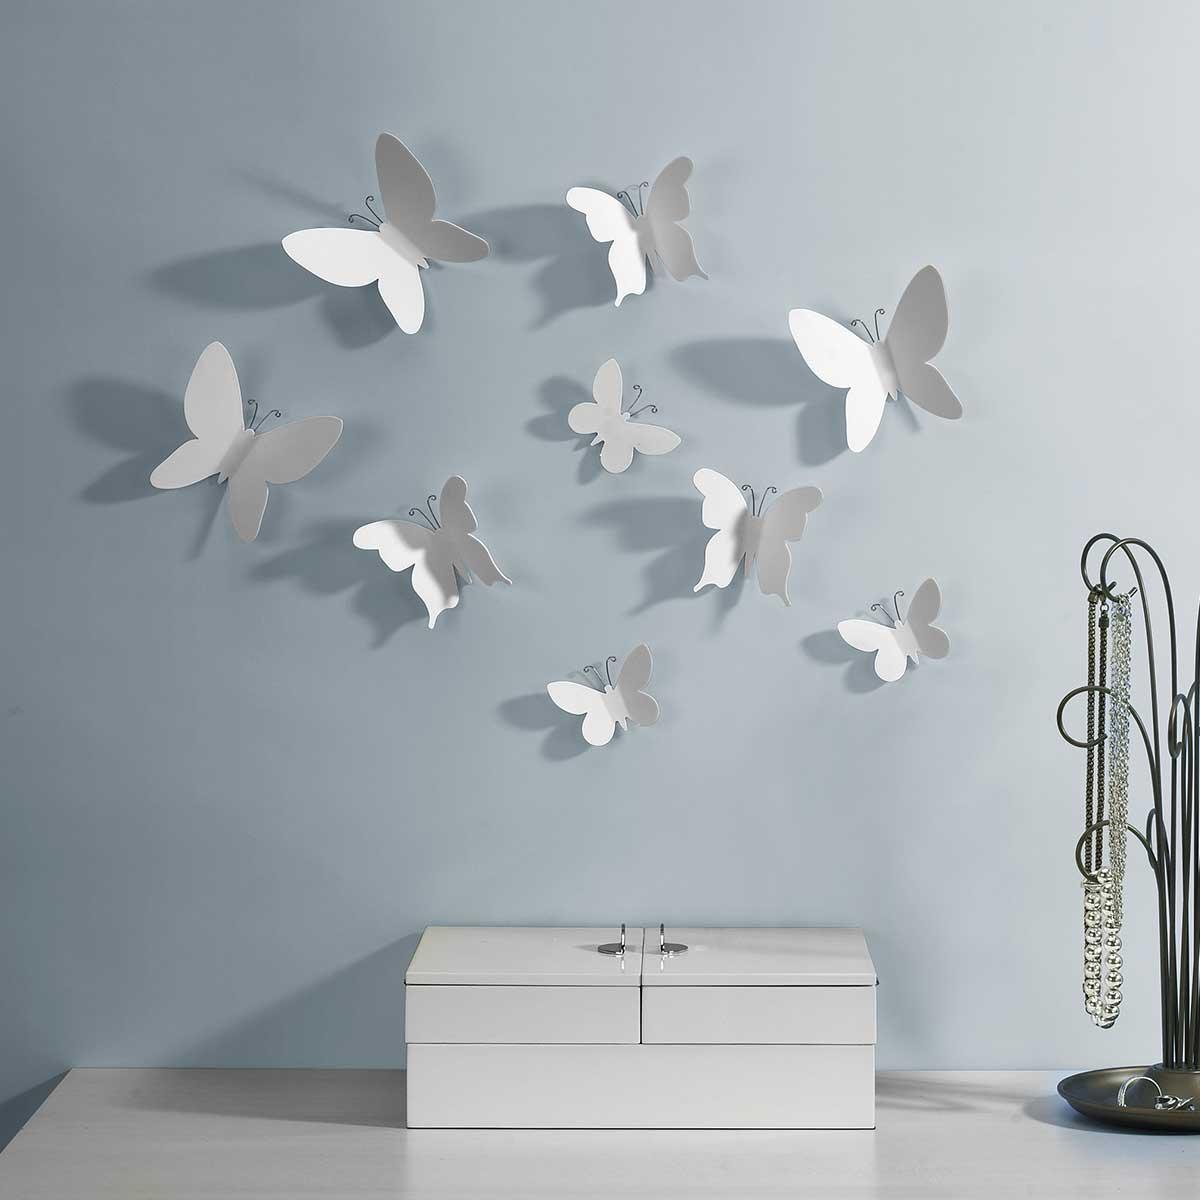 Wanddecoratie Witte vlinders